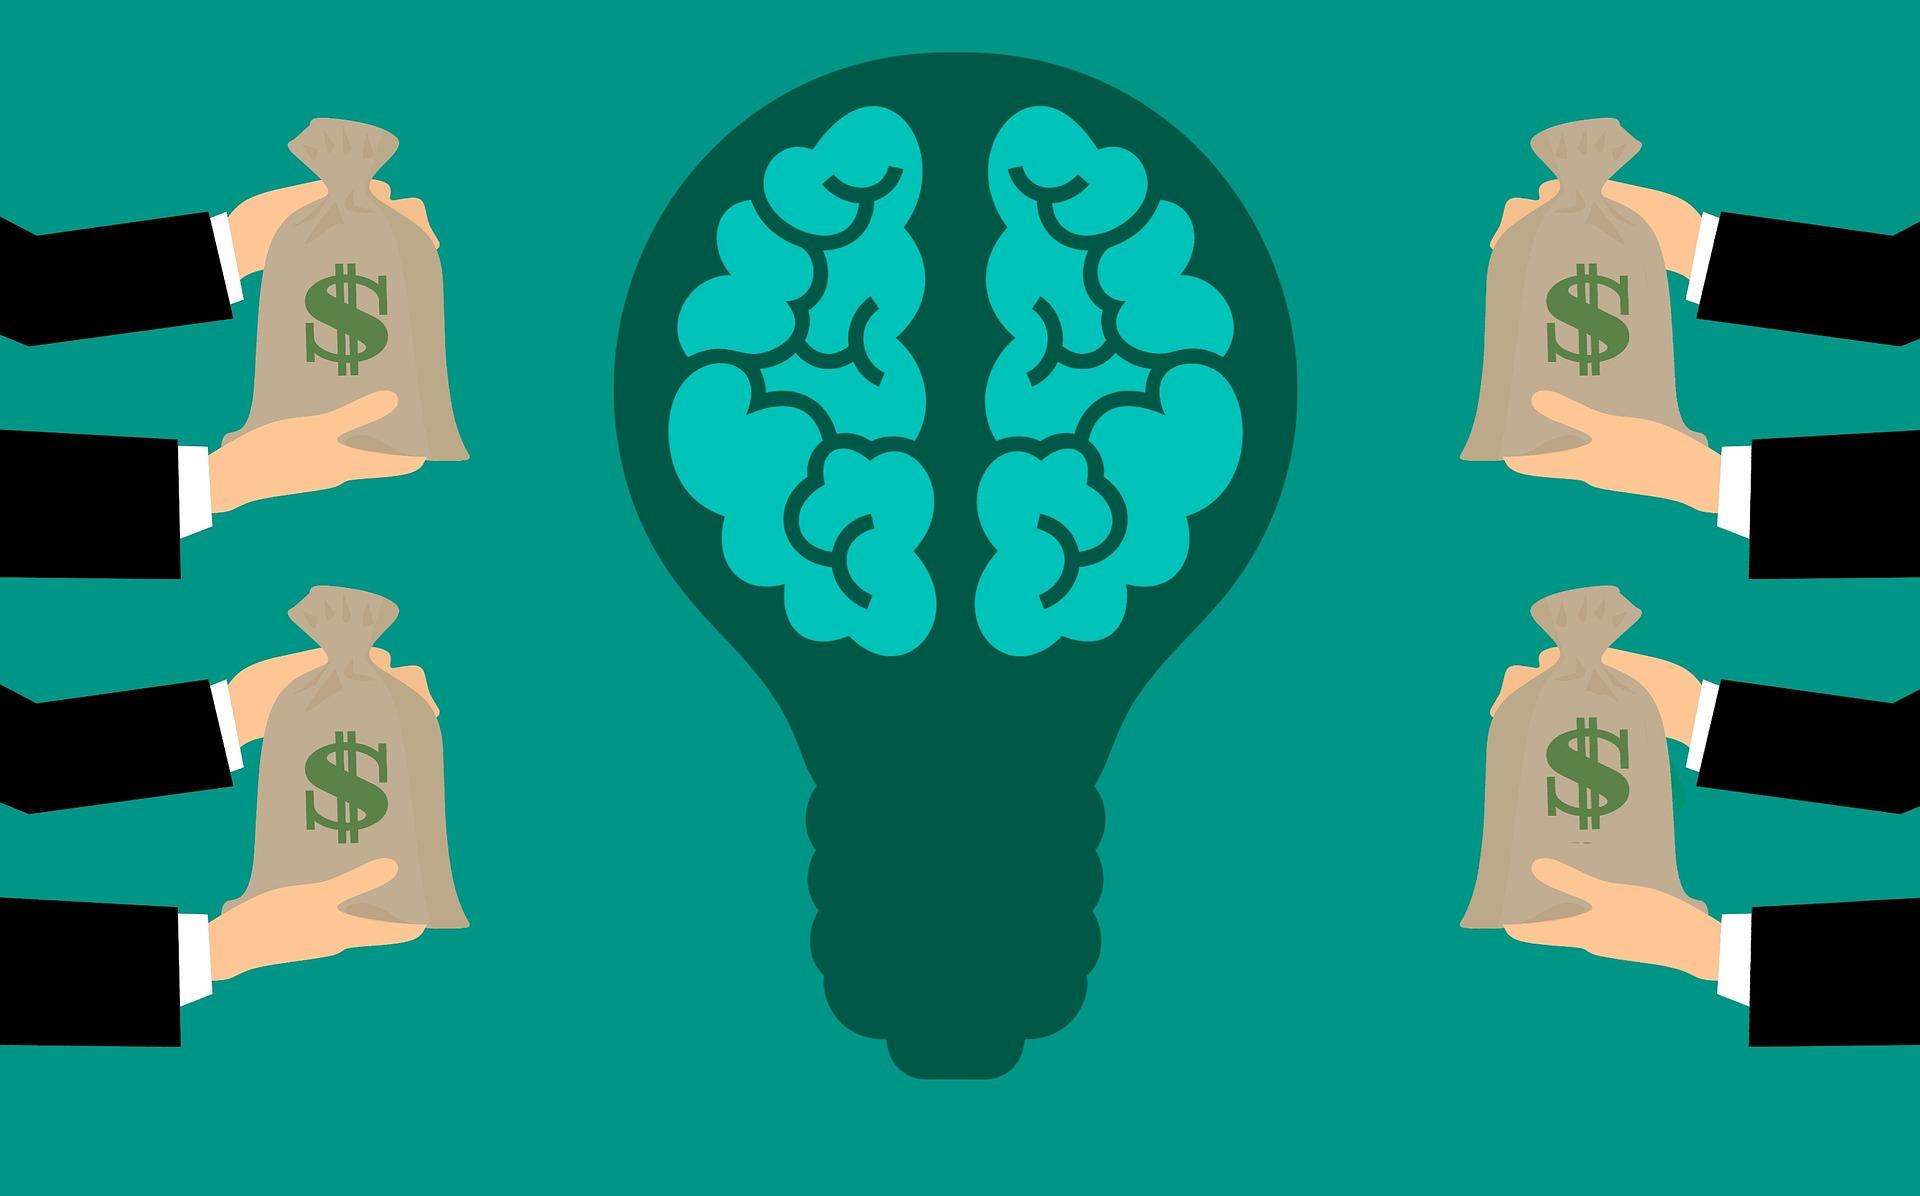 ¿En qué consiste y cómo opera el crowdfunding?